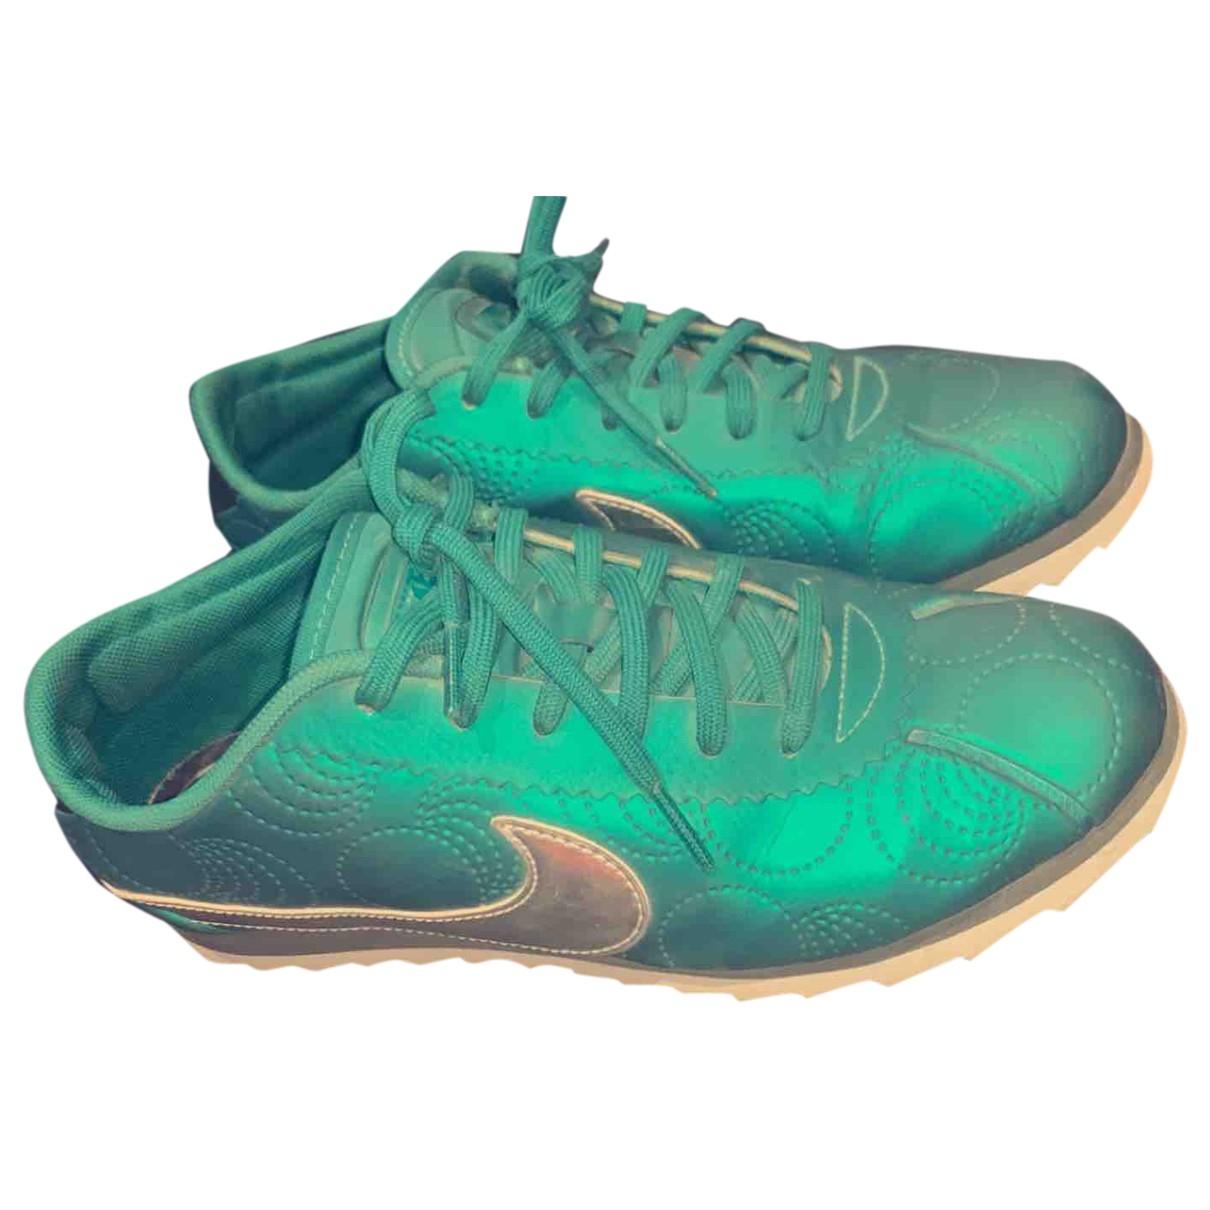 Nike Cortez Sneakers in  Gruen Leder